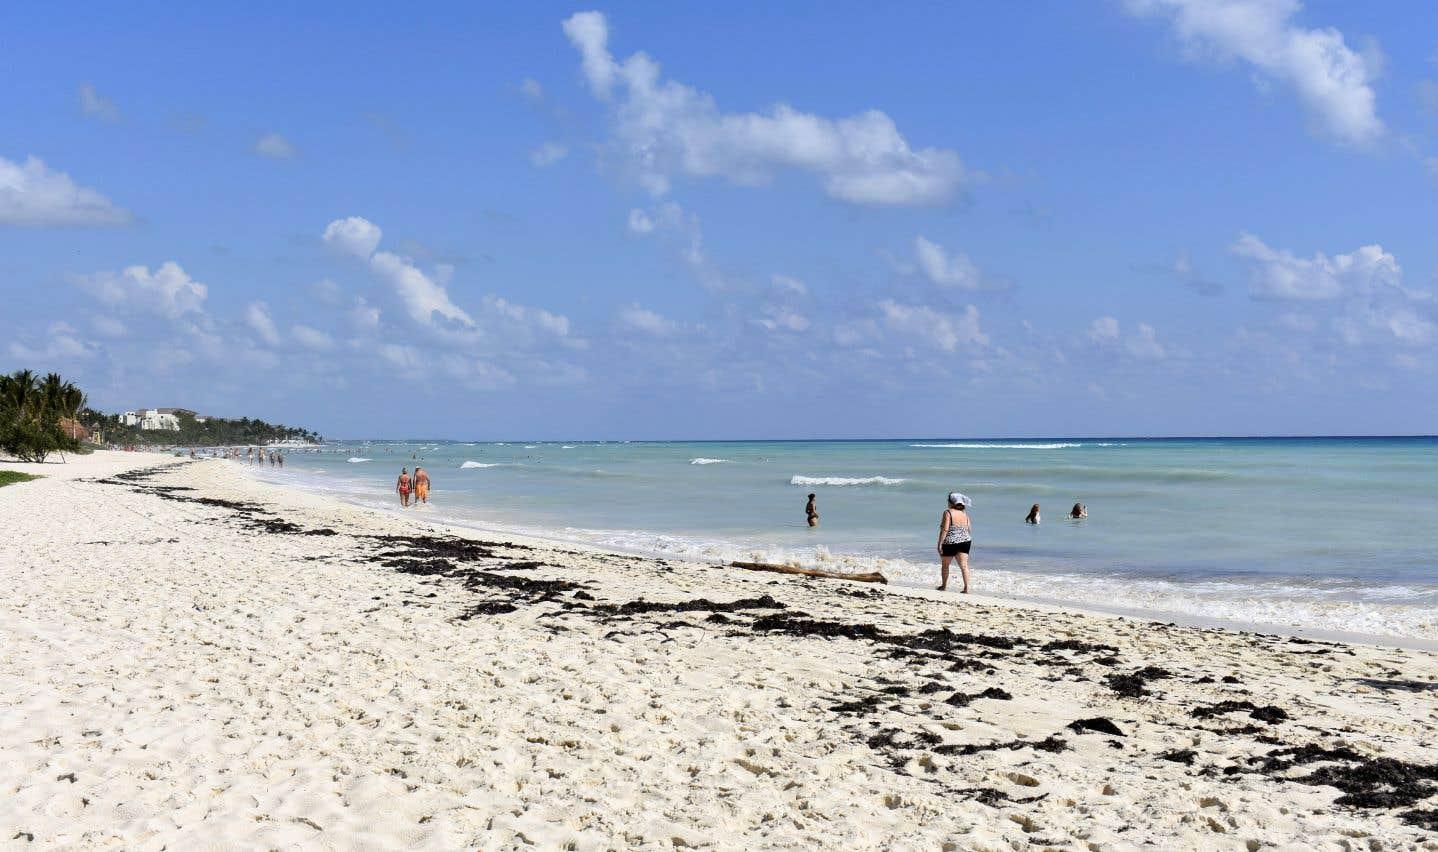 La station balnéaire de Playa del Carmen est prisée par les touristes canadiens.